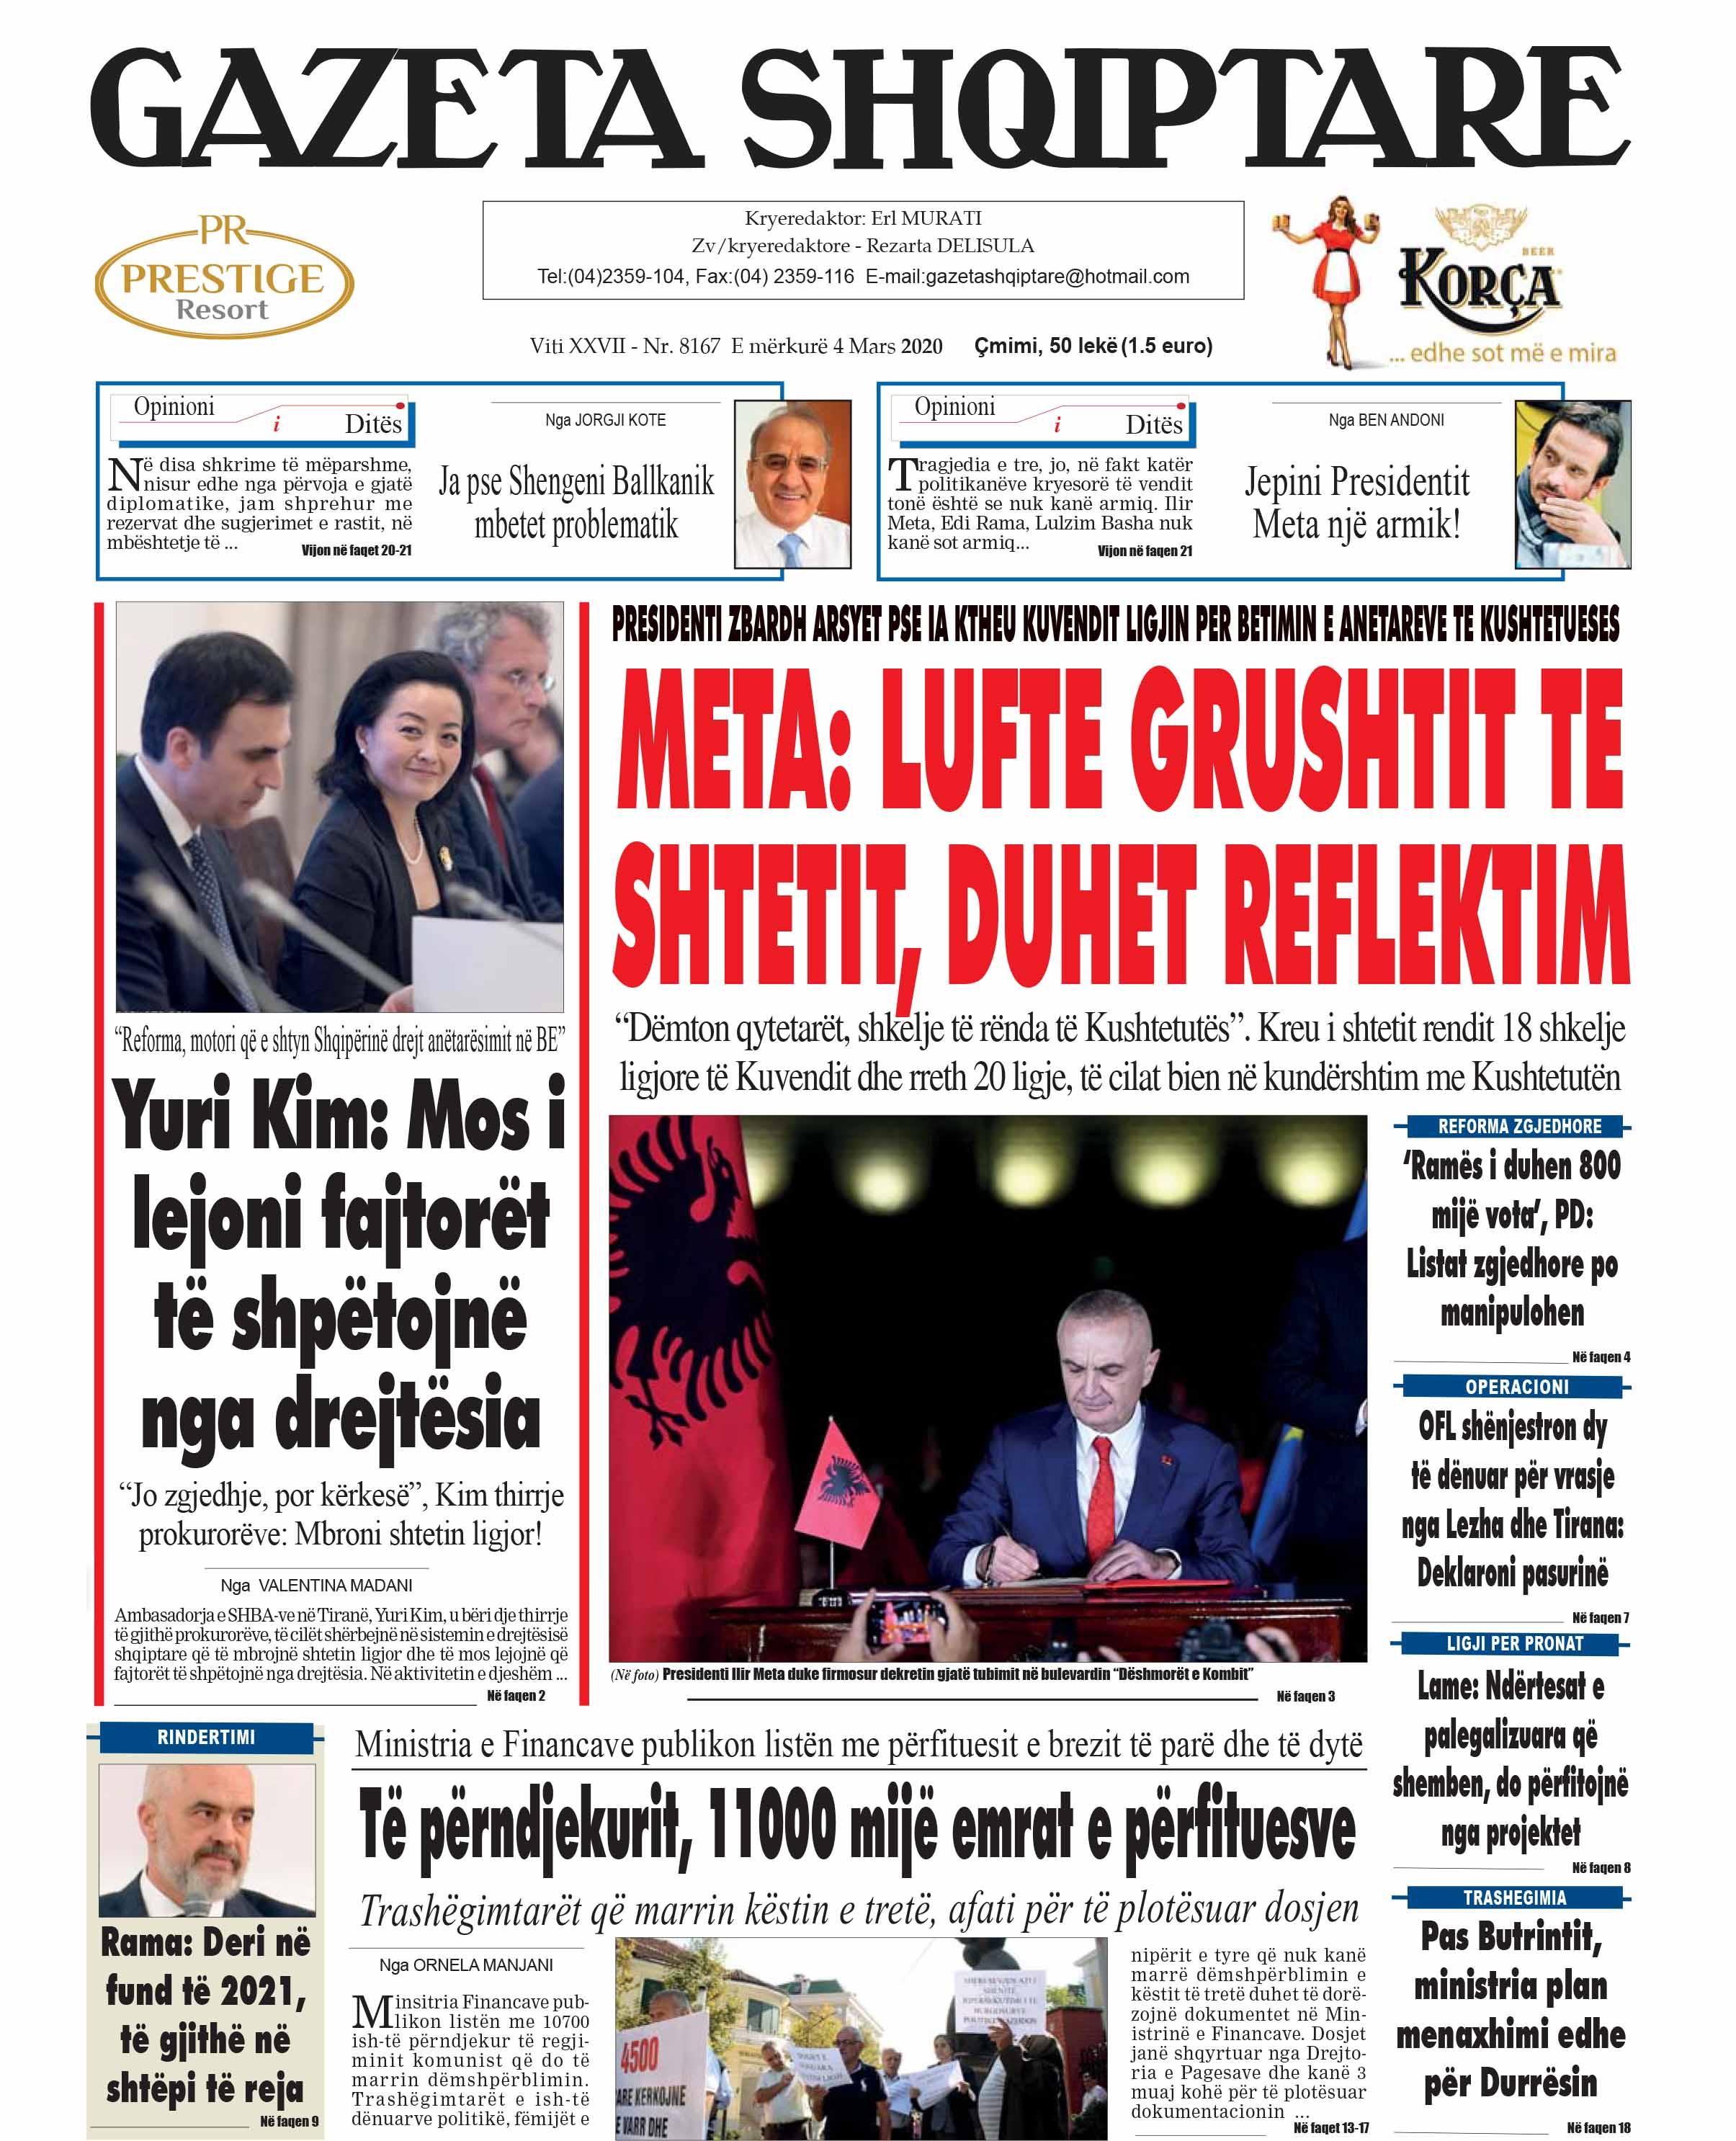 gazetat me te mira shqiptare